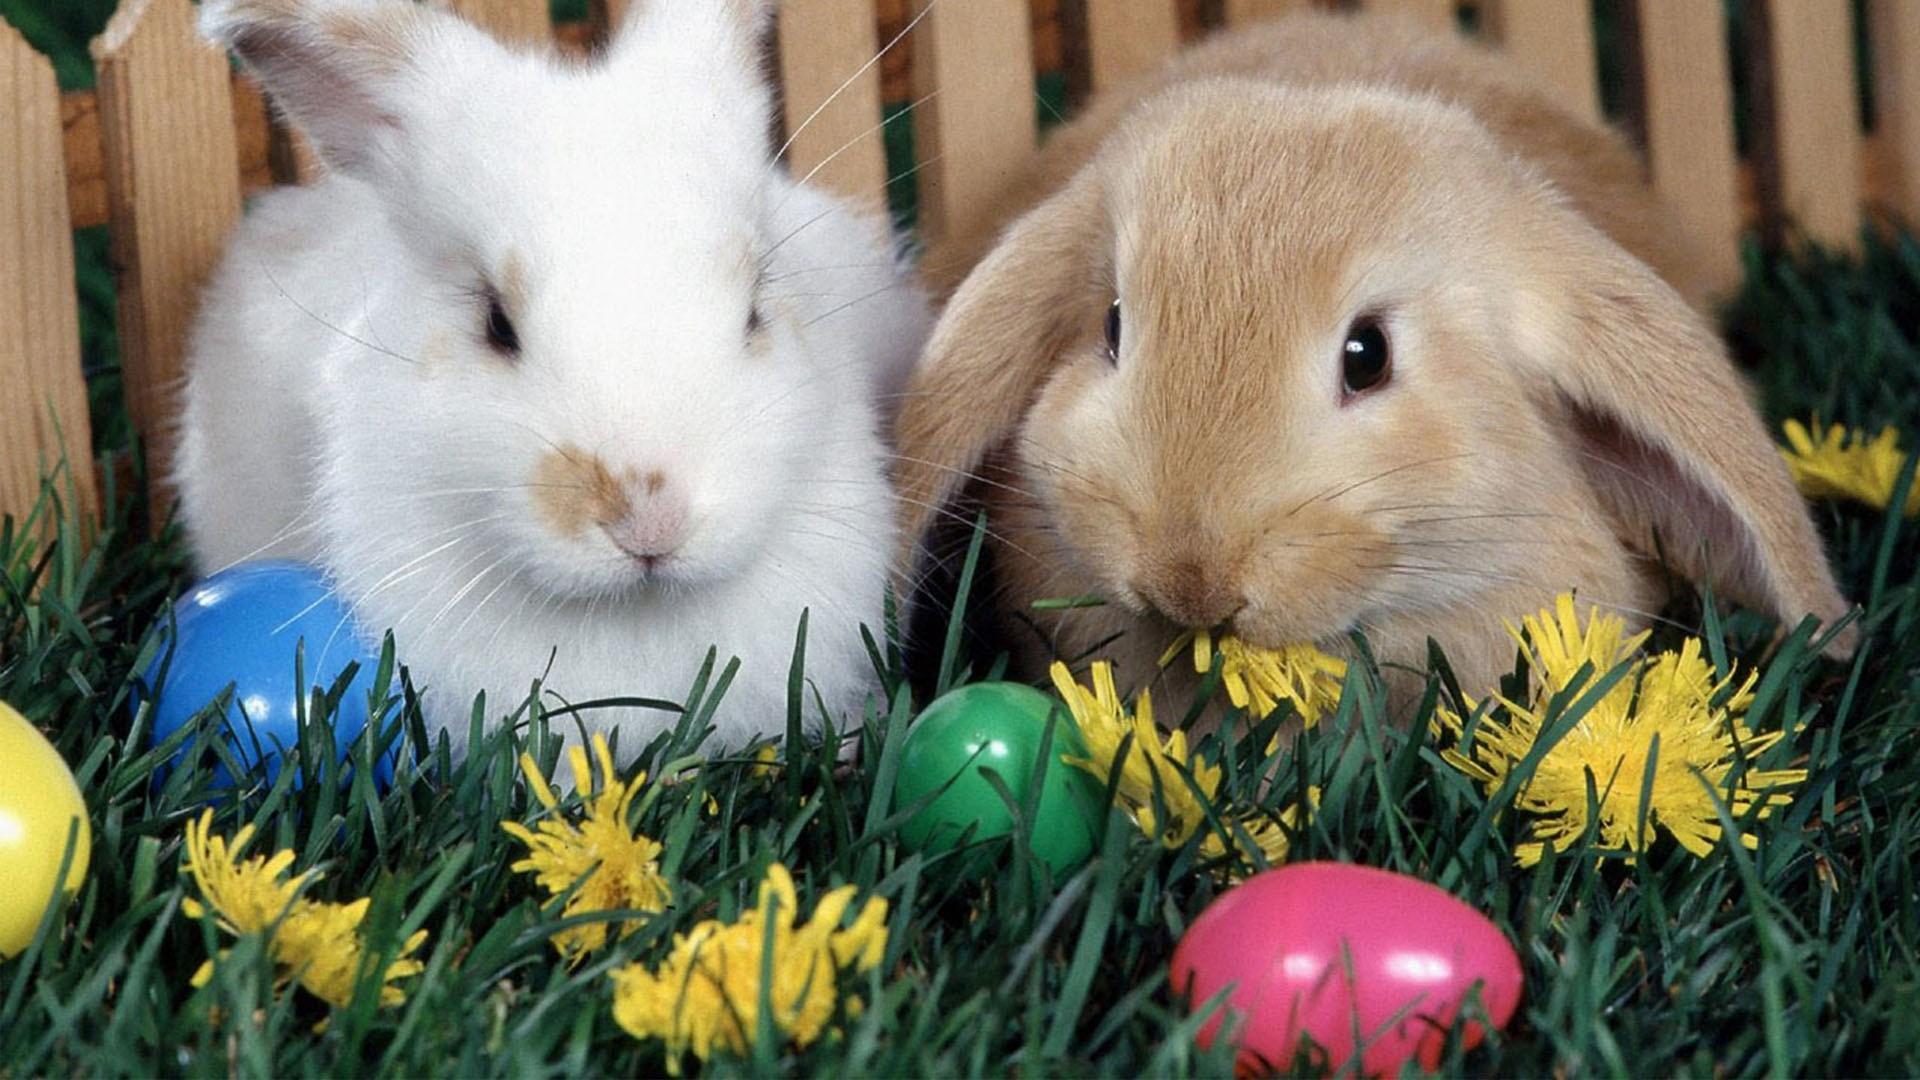 Easter Desktop Backgrounds HD Easter Images 1920x1080